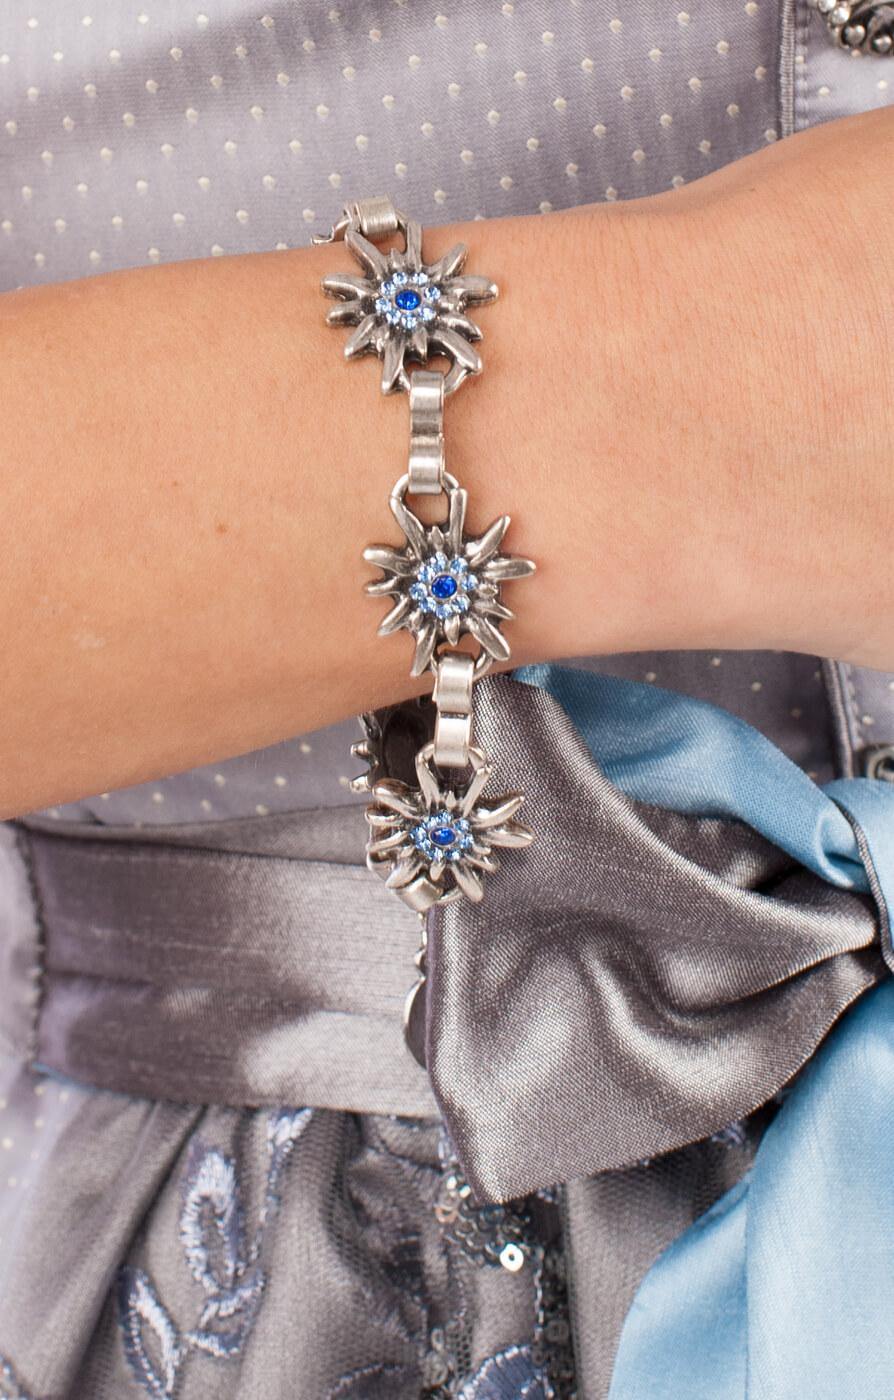 weitere Bilder von Bracelet AB9197-5 with edelweiss, blue